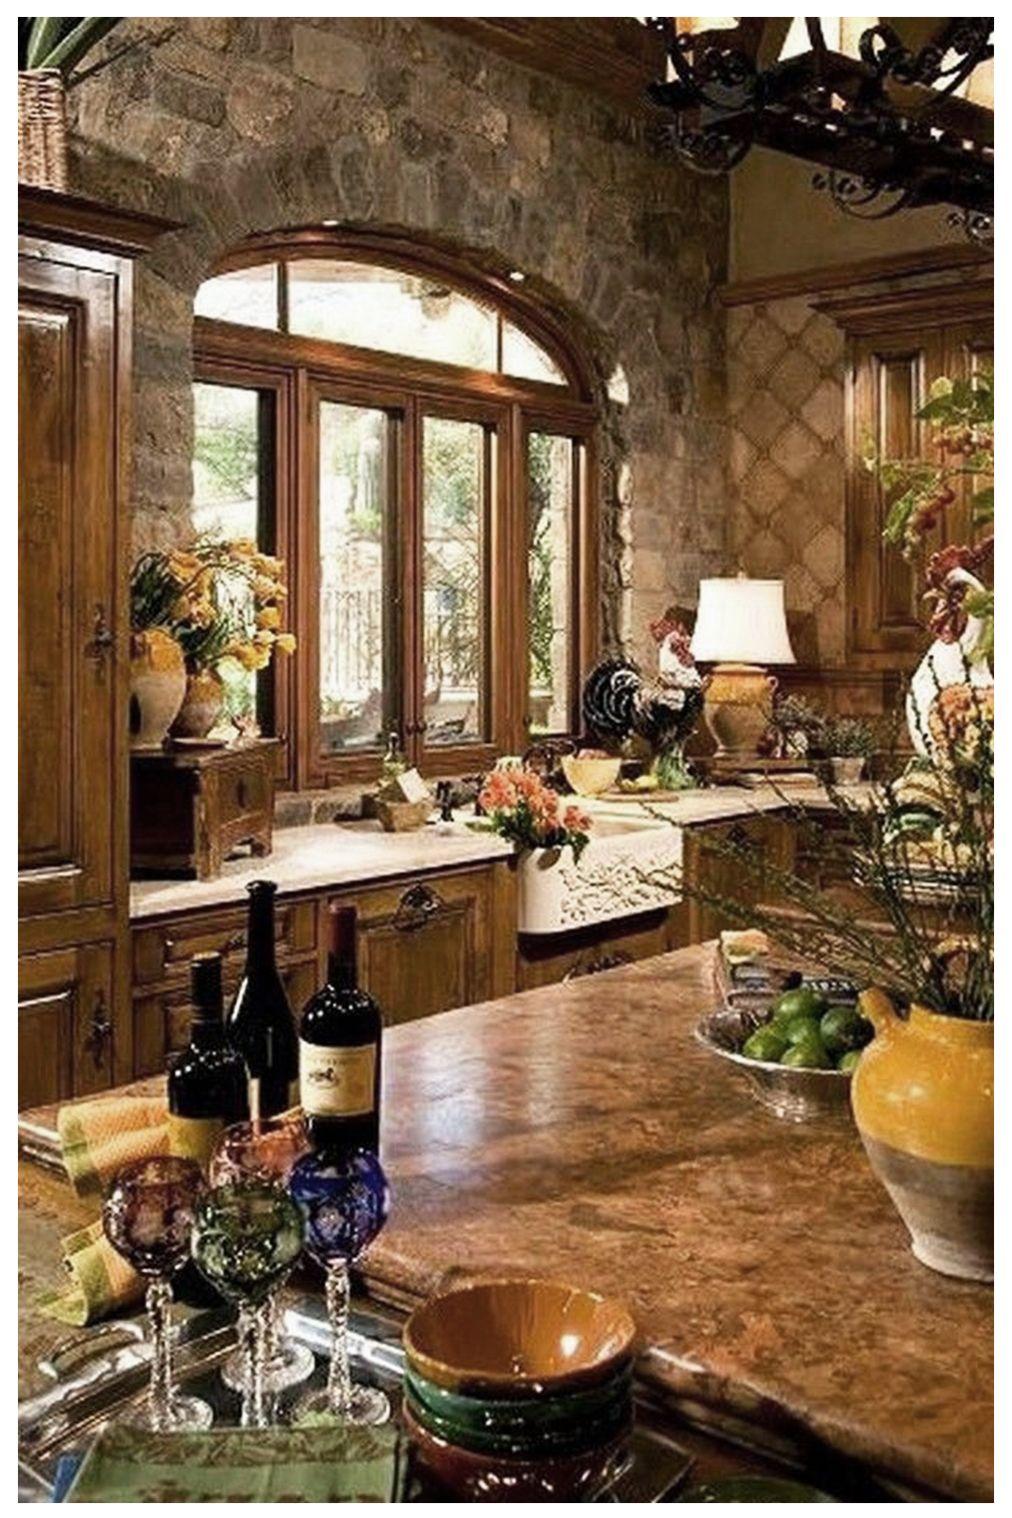 20 Catchy Mediterranean Kitchen Design Elements Ideas In 2020 Mediterranean Kitchen Design Tuscan Style Tuscan Design